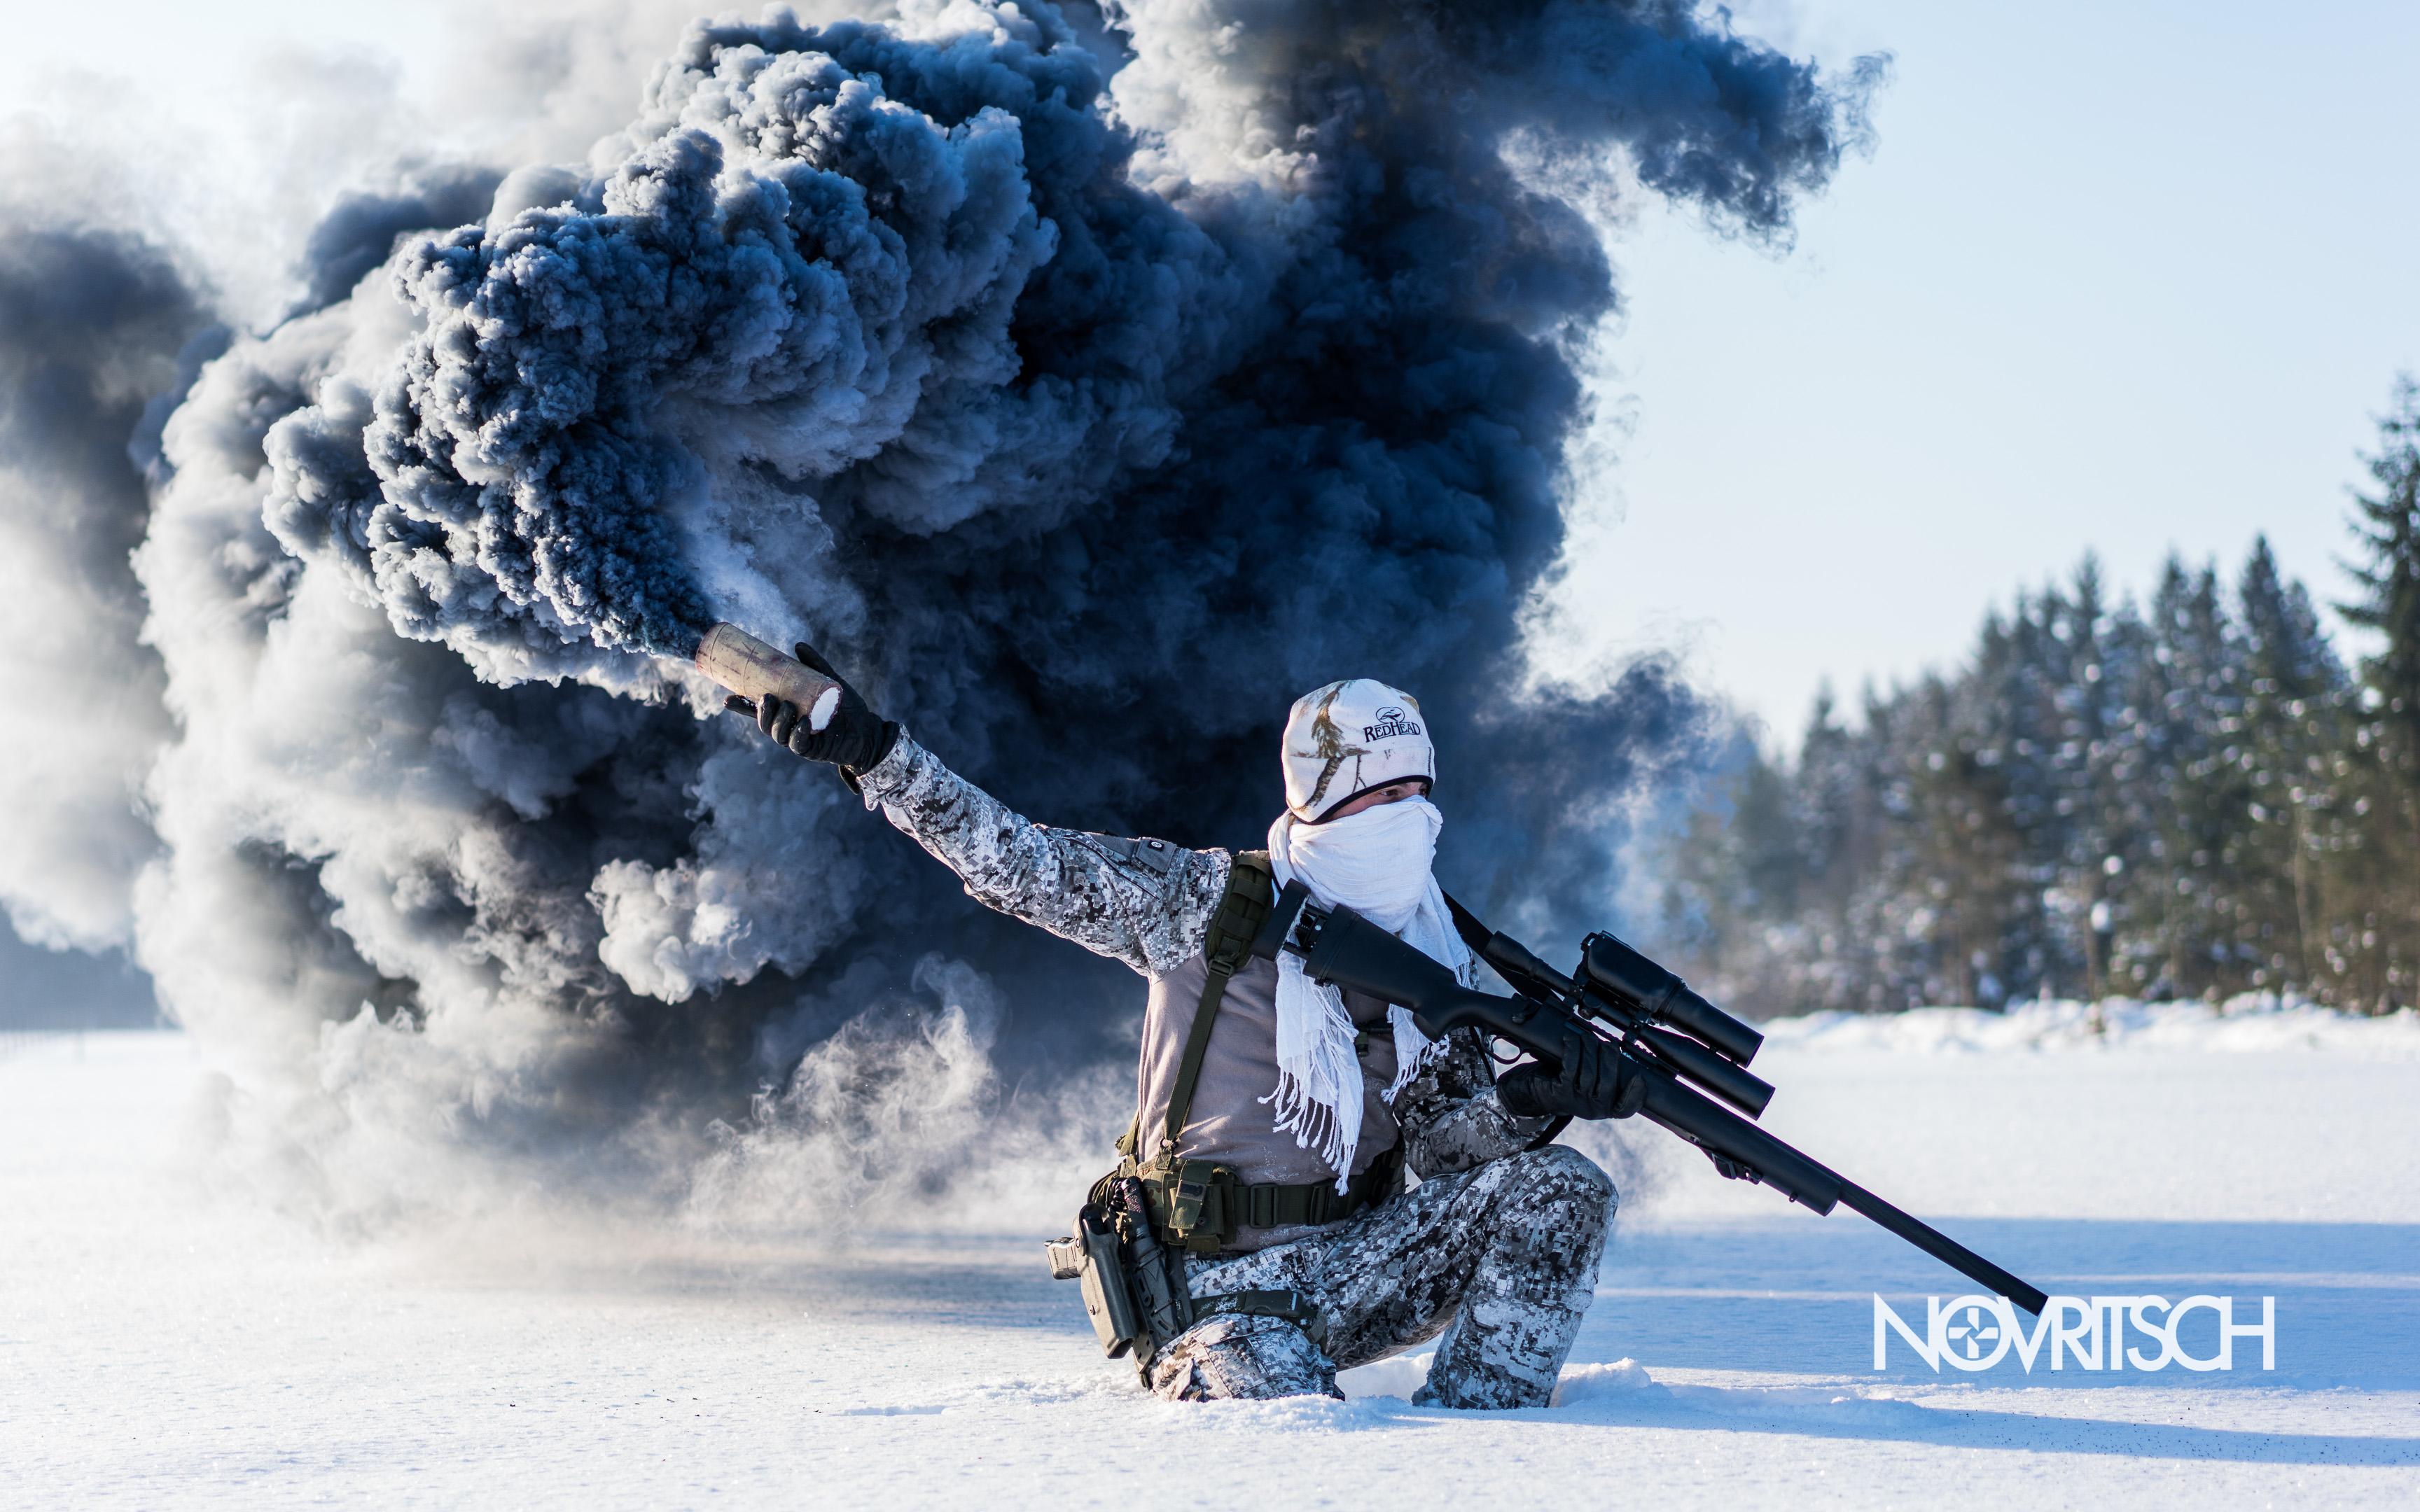 Winter Anime Girl Wallpaper Wallpapers Novritsch Airsoft Sniper